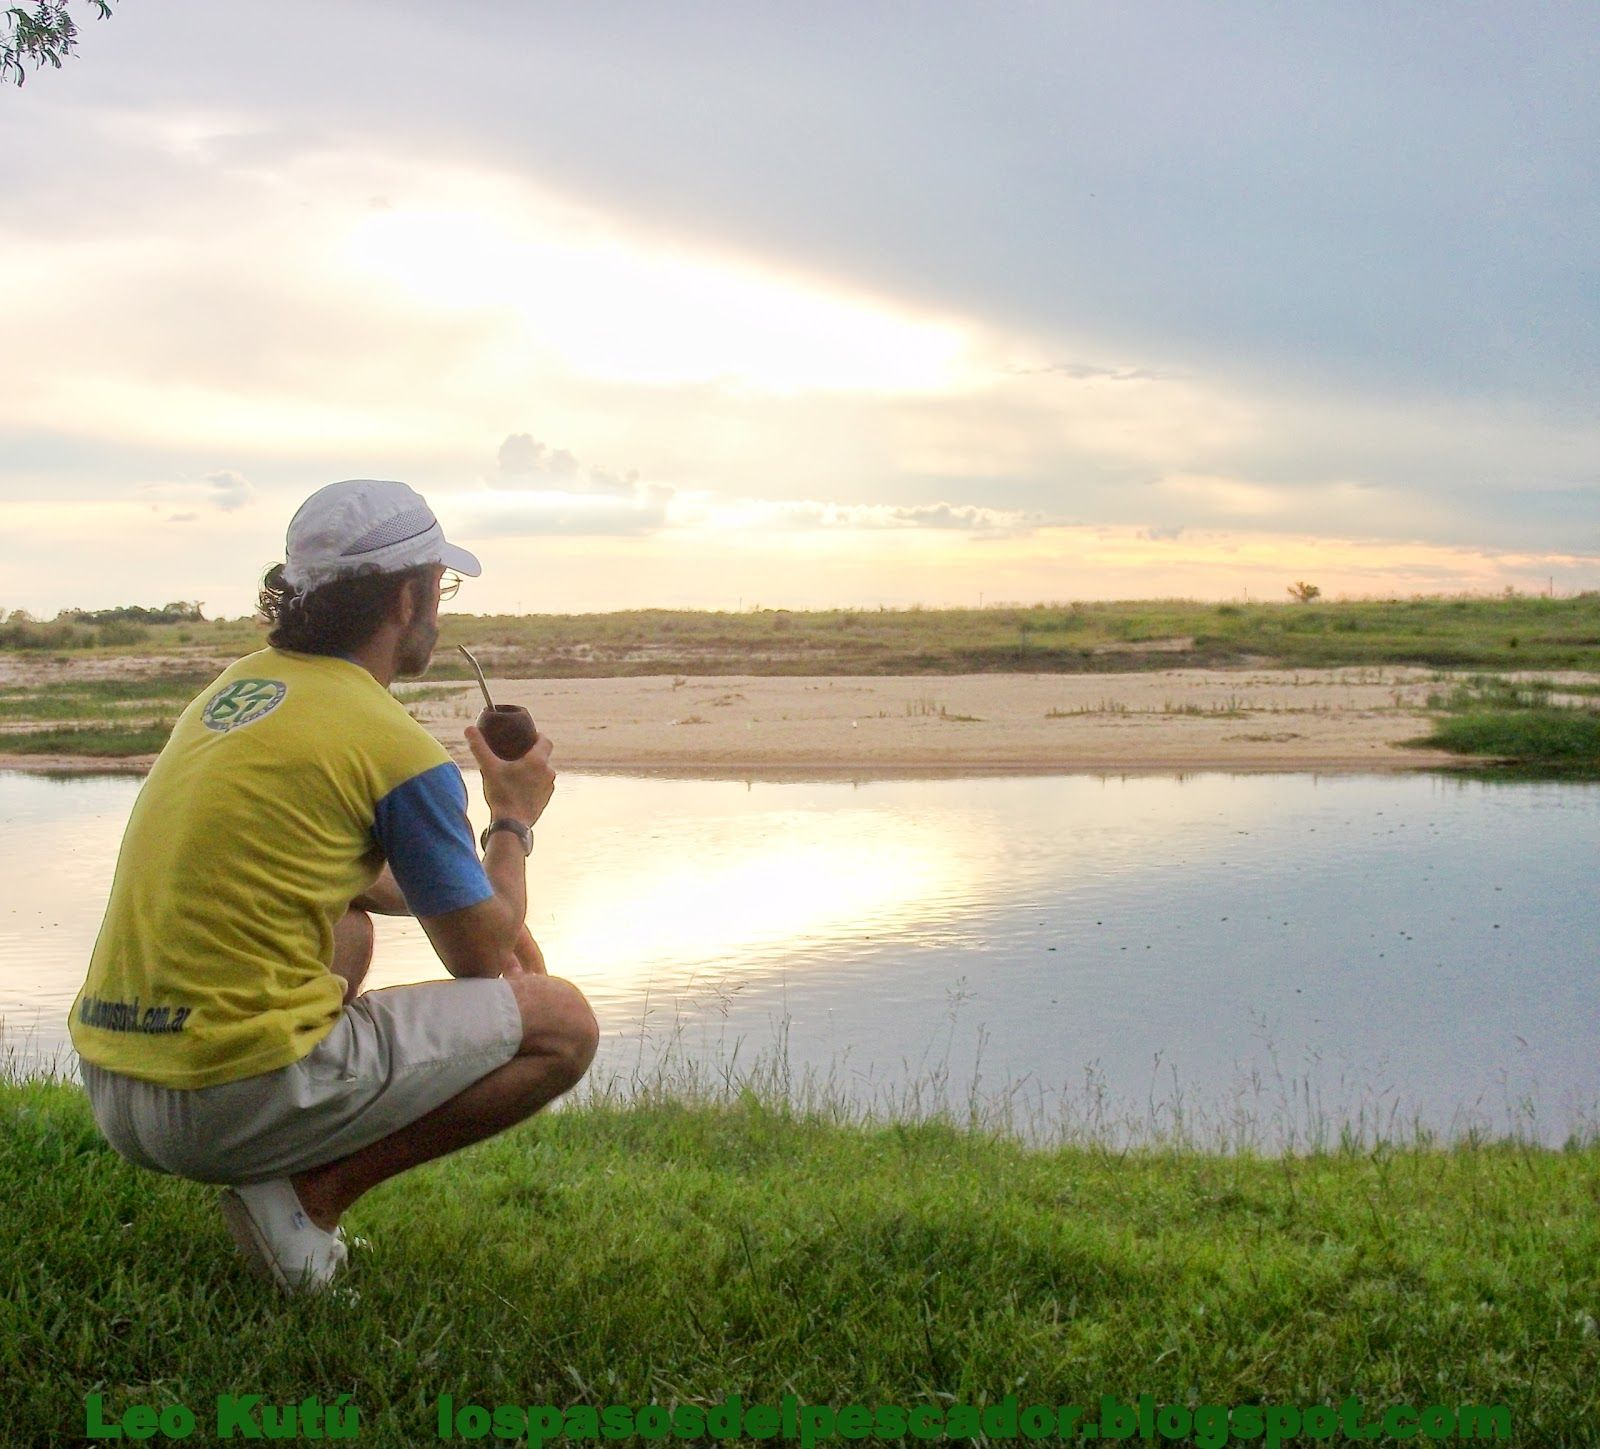 Los Pasos Del Pescador (Ñánde Corrientes porâ): ¿DELITO PENAL EN LA PESCA?